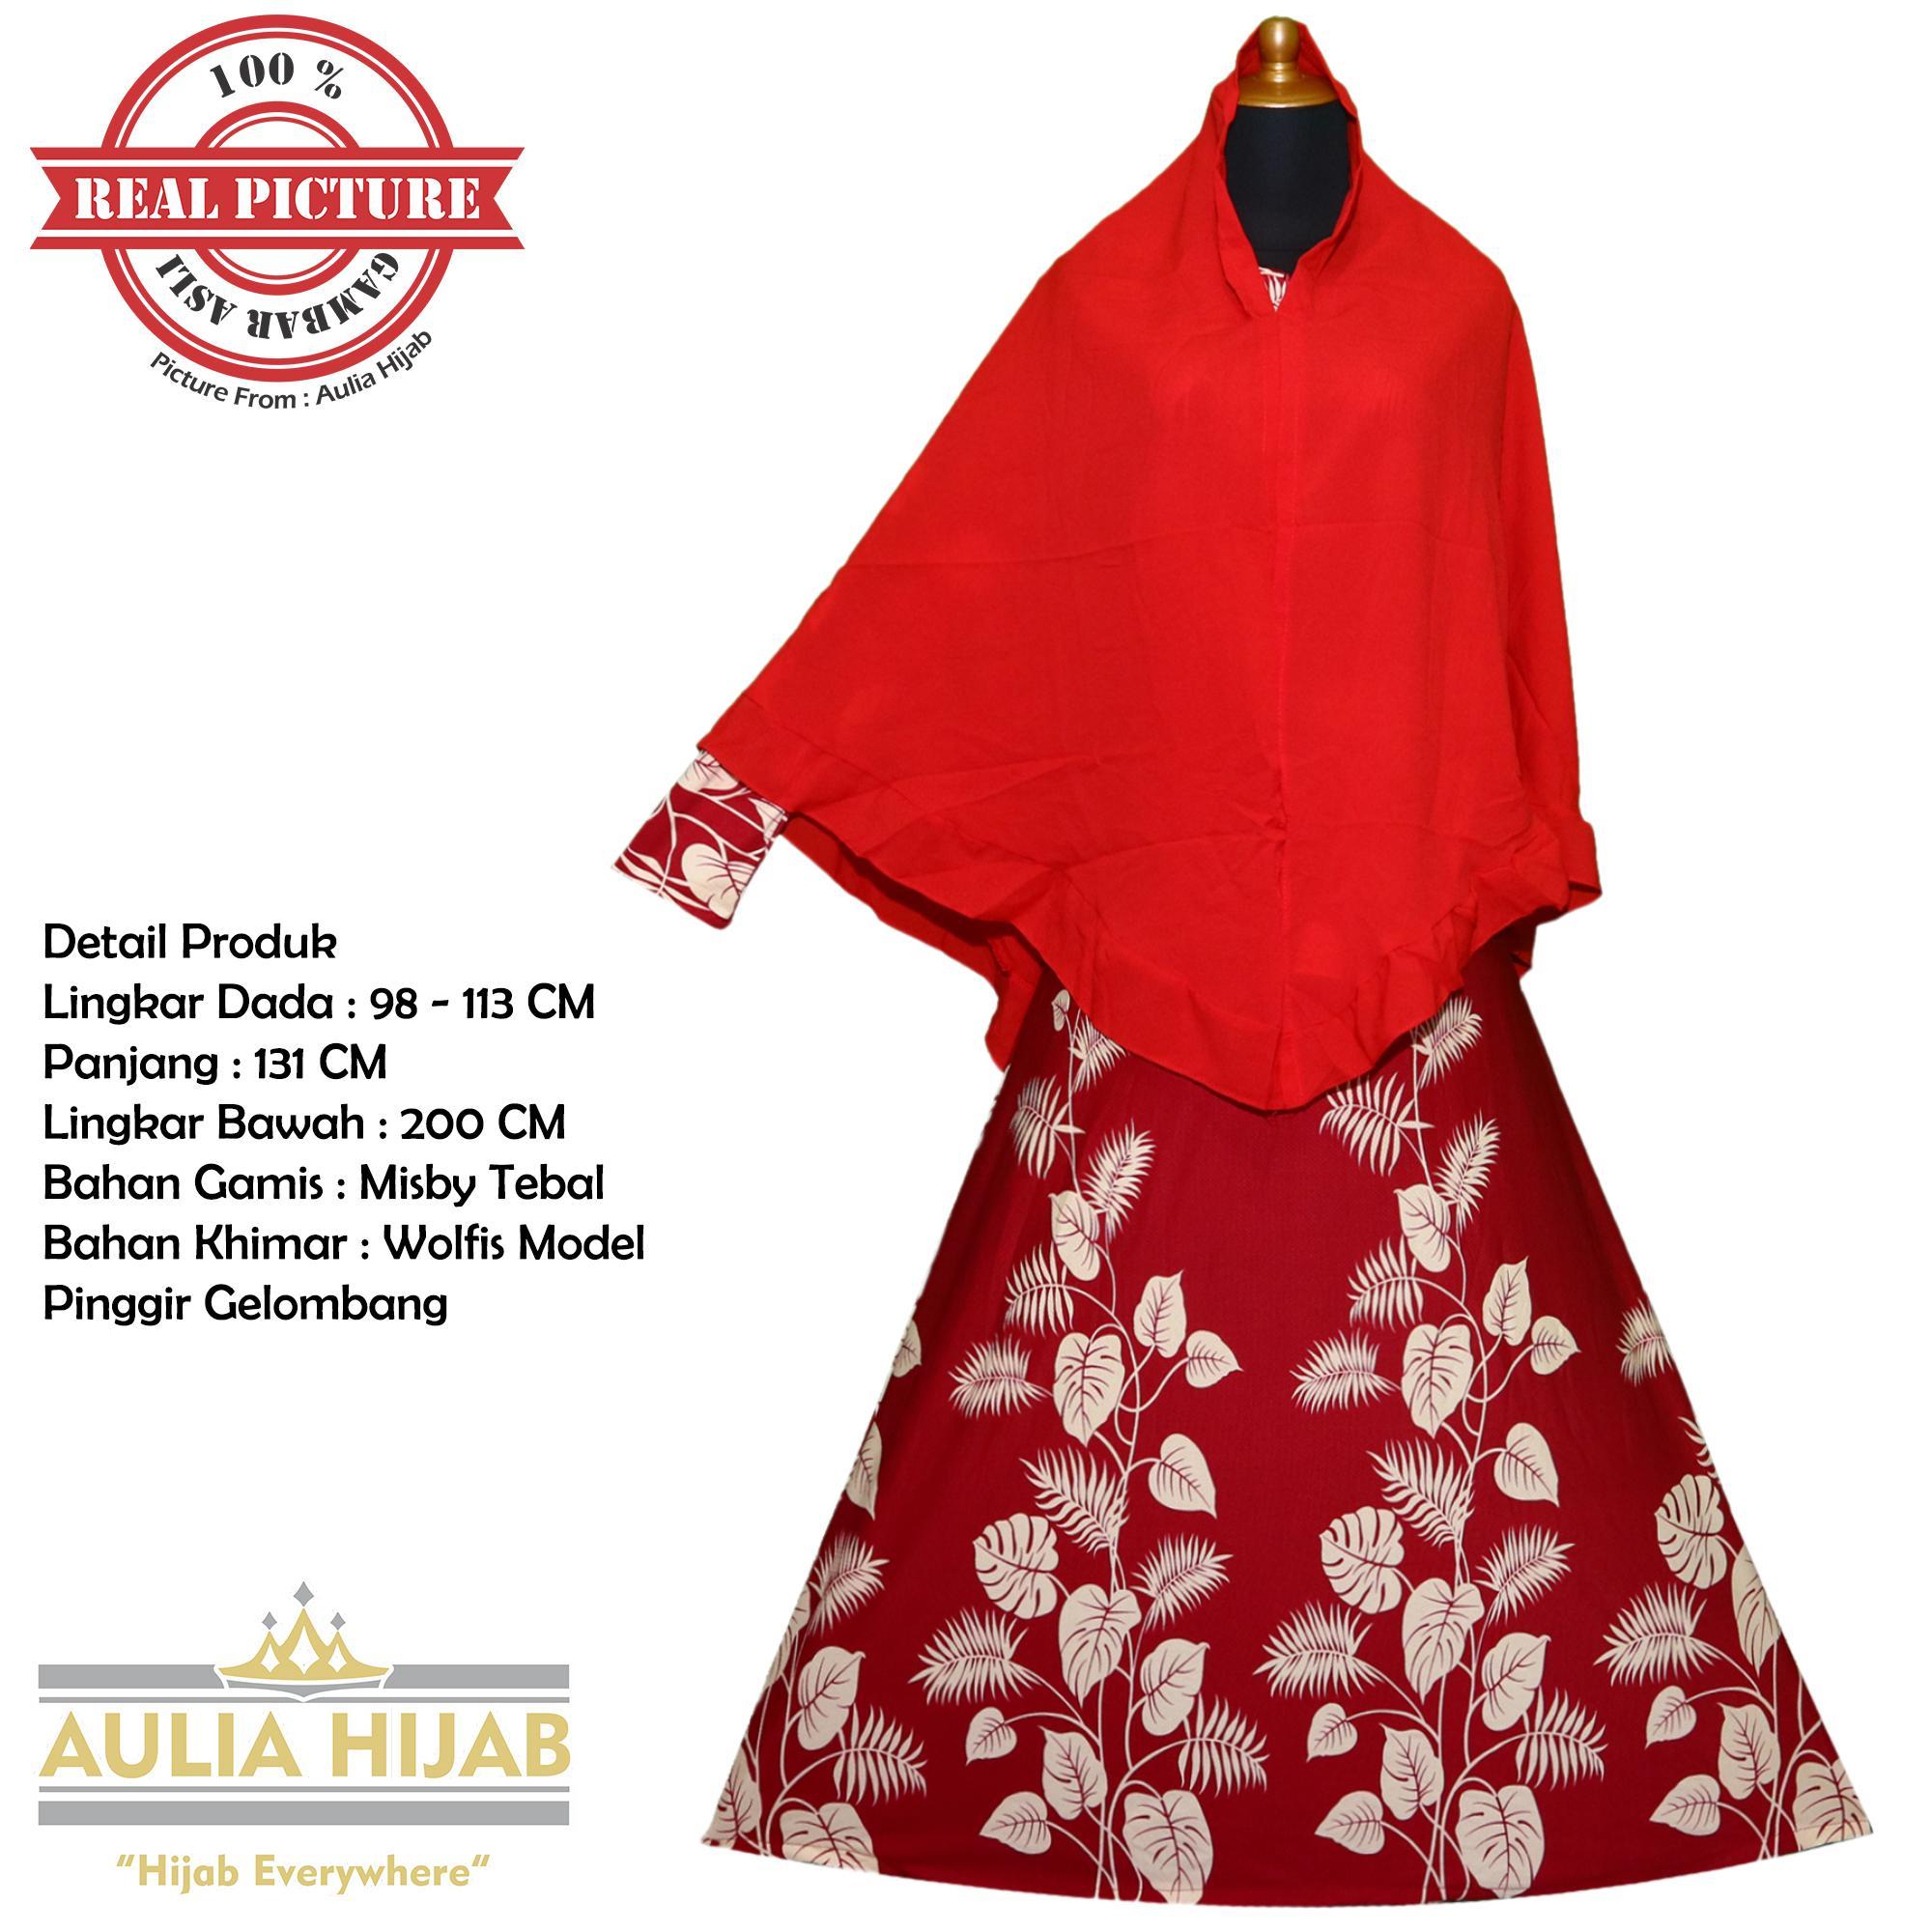 Aulia Hijab - New Alissa Syar'i INCLUDE KHIMAR/Gamis Syar'i/Gamis Misby/Gamis Wolfis/Gamis Laser/Gamis Murah/Gamis Terbaru/Gamis Jilbab/Gamis Plus Jilbab/Gamis Jilbab Panjang/Gamis Plus Khimar/Gamis Pesta/Gamis Cantik